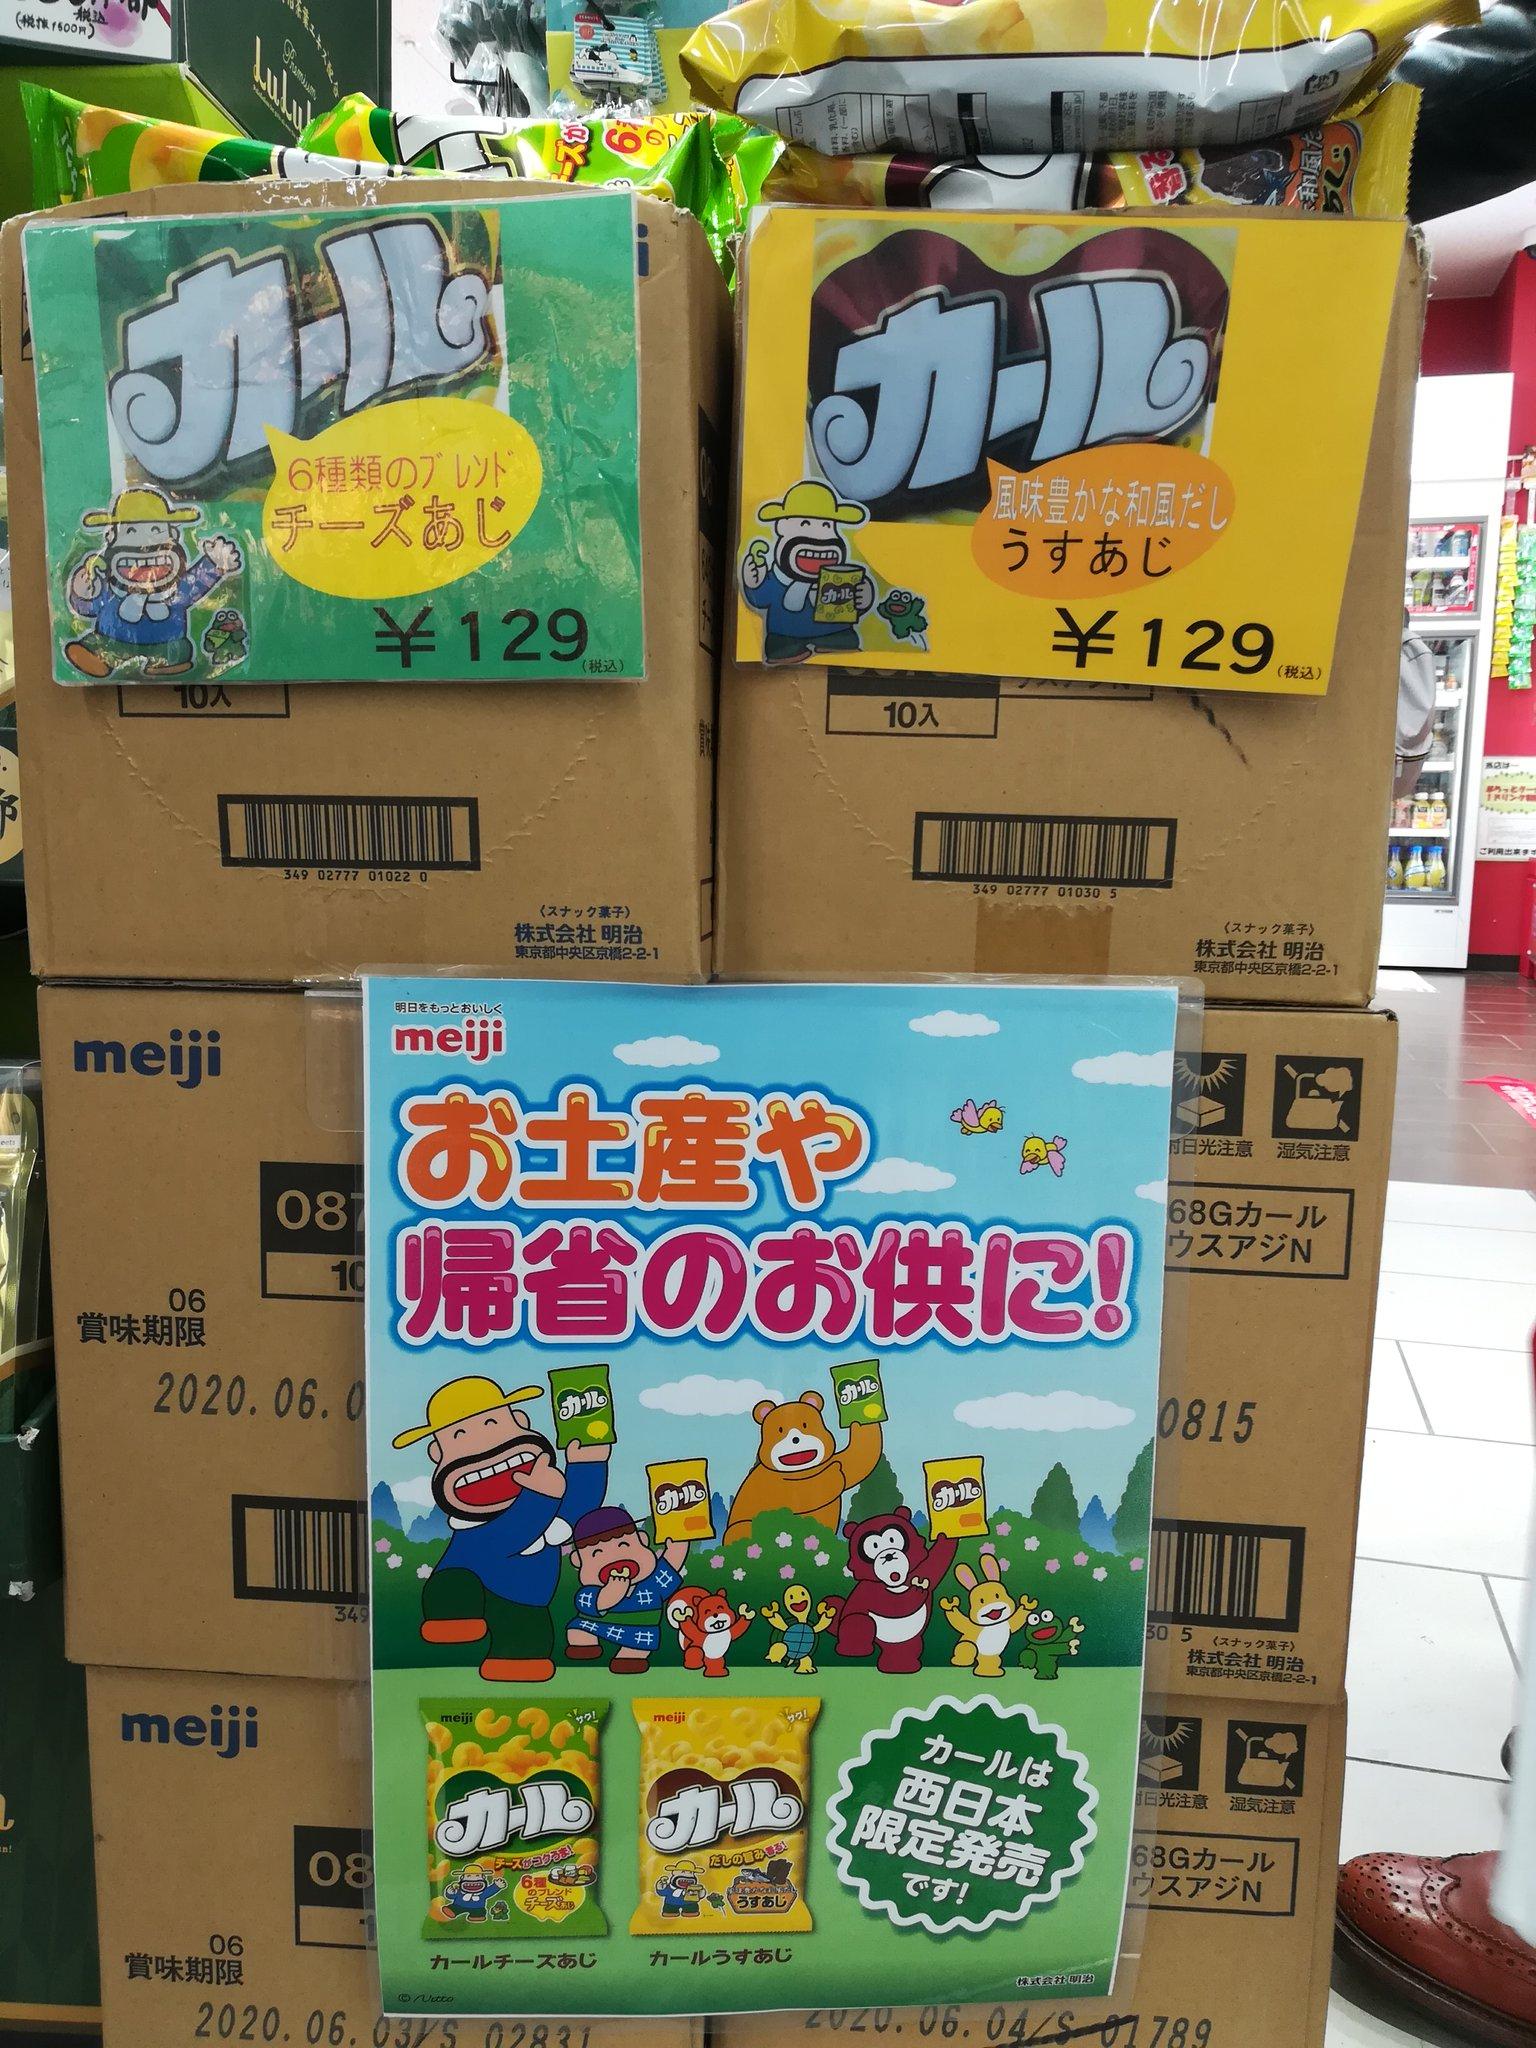 売上不振で東日本での販売が終了したけど、西日本限定商品として前向きに生きる姿勢を見せるカール。